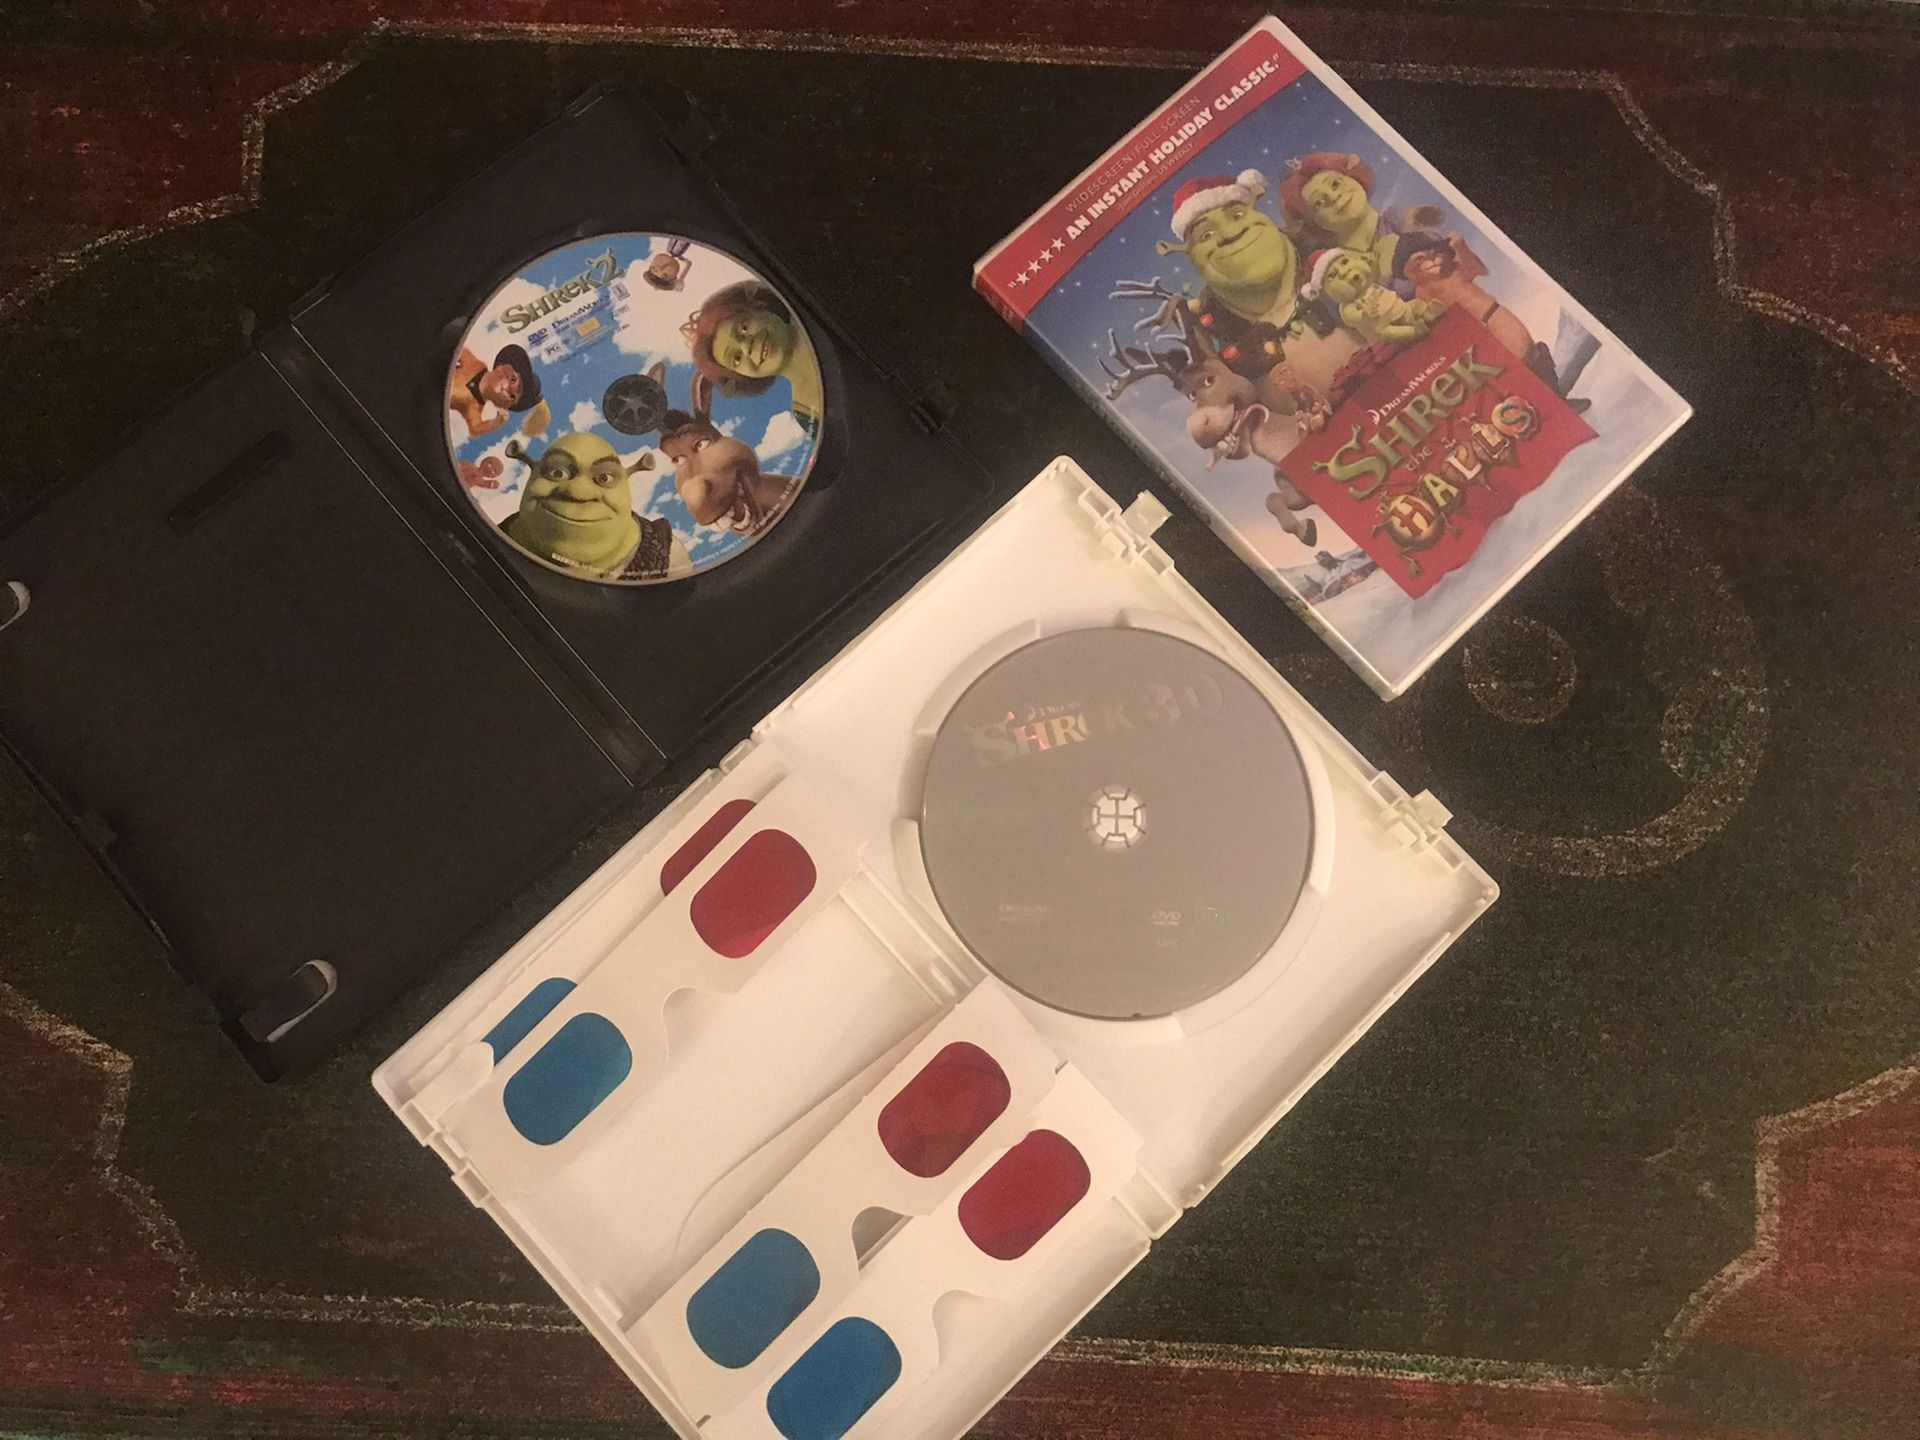 Shrek the Halls, Shrek 3D, Shrek 2 DVDs